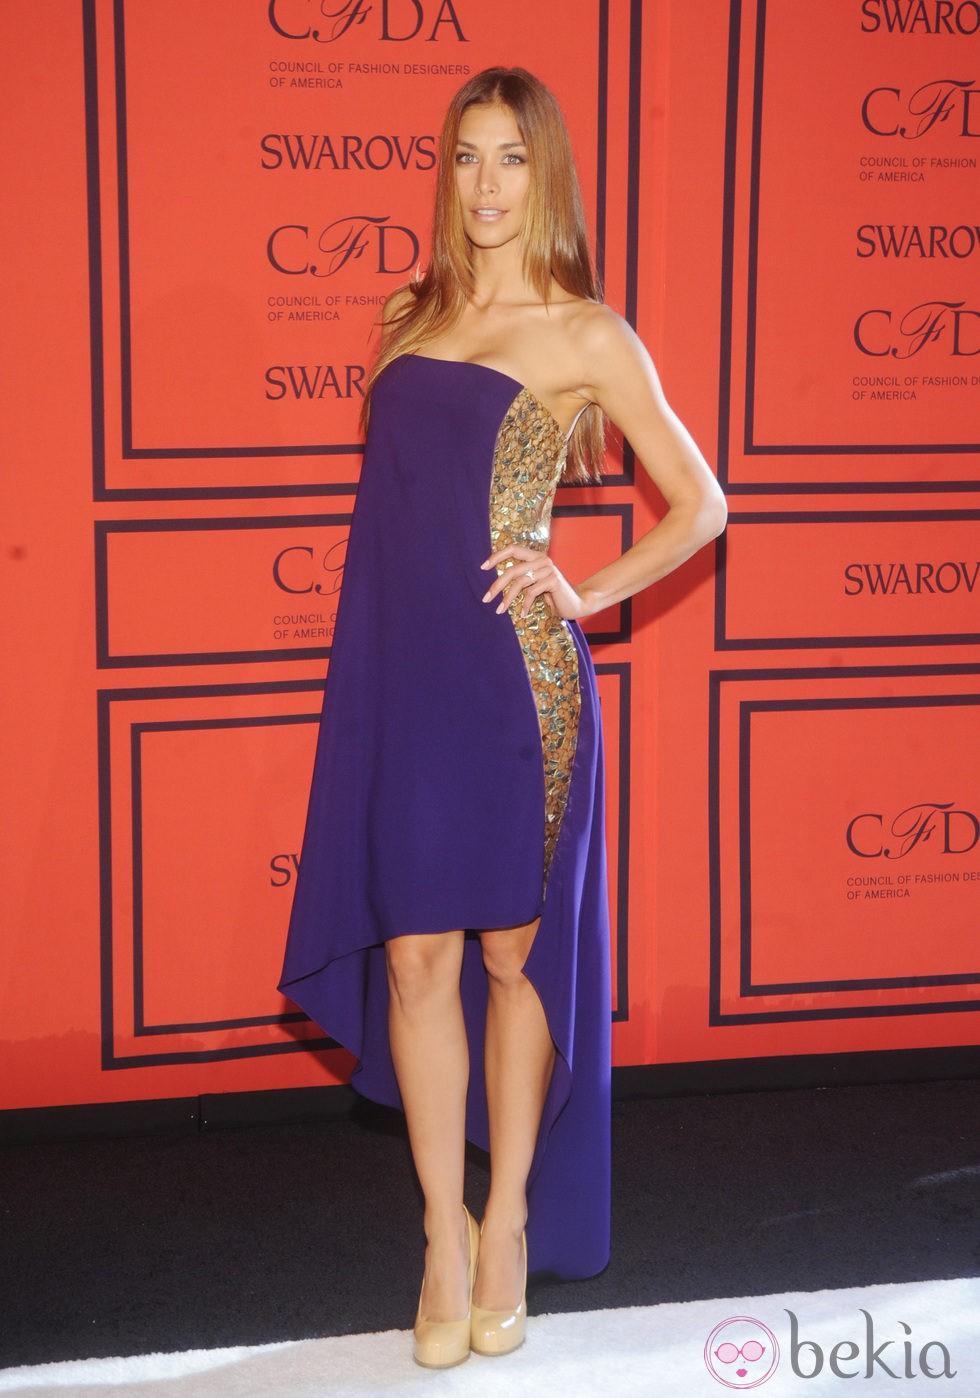 Diana Sánchez en los Premios CFDA 2013